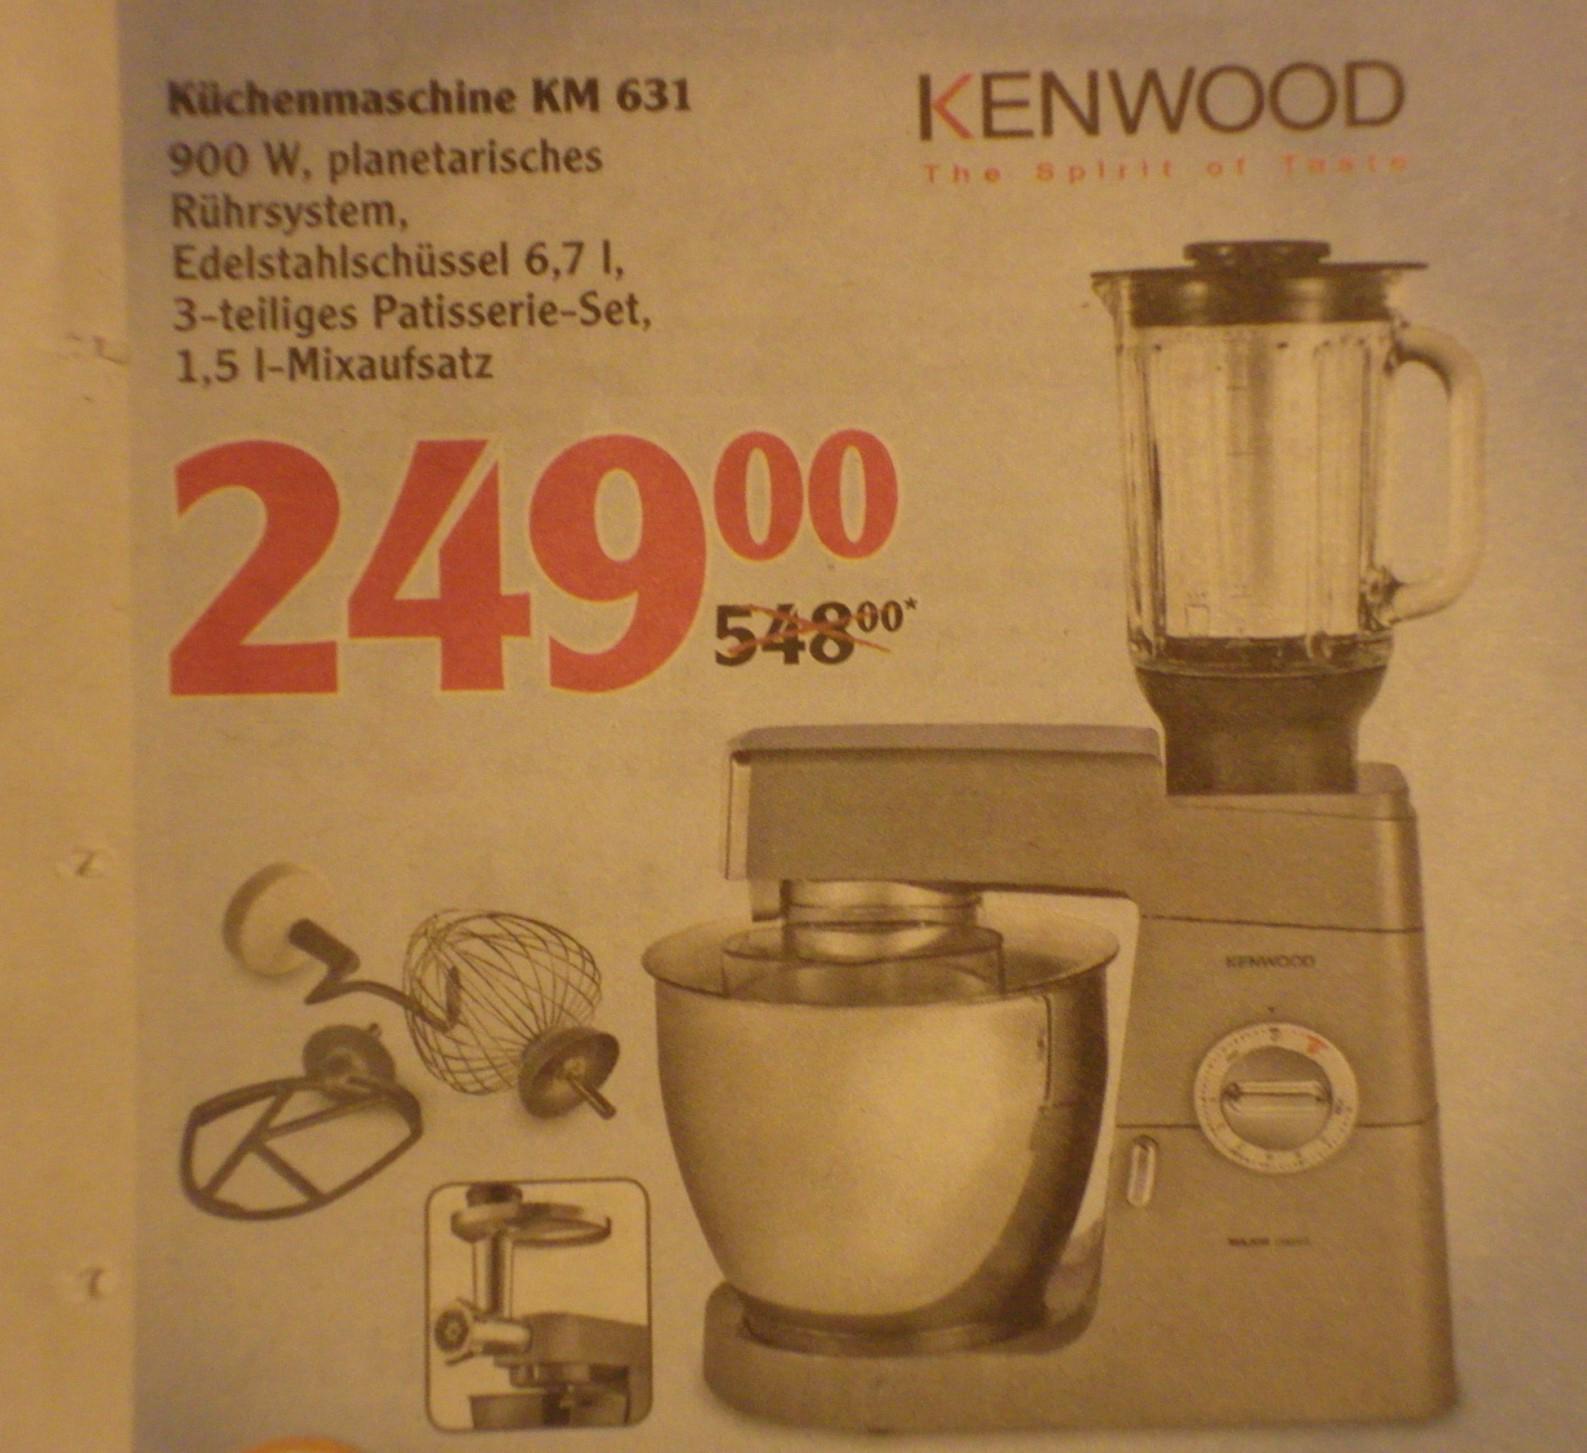 [Globus] Kenwood Küchenmaschine KM631 mit 3 Jahre Globus-Garantie für 249 Euro